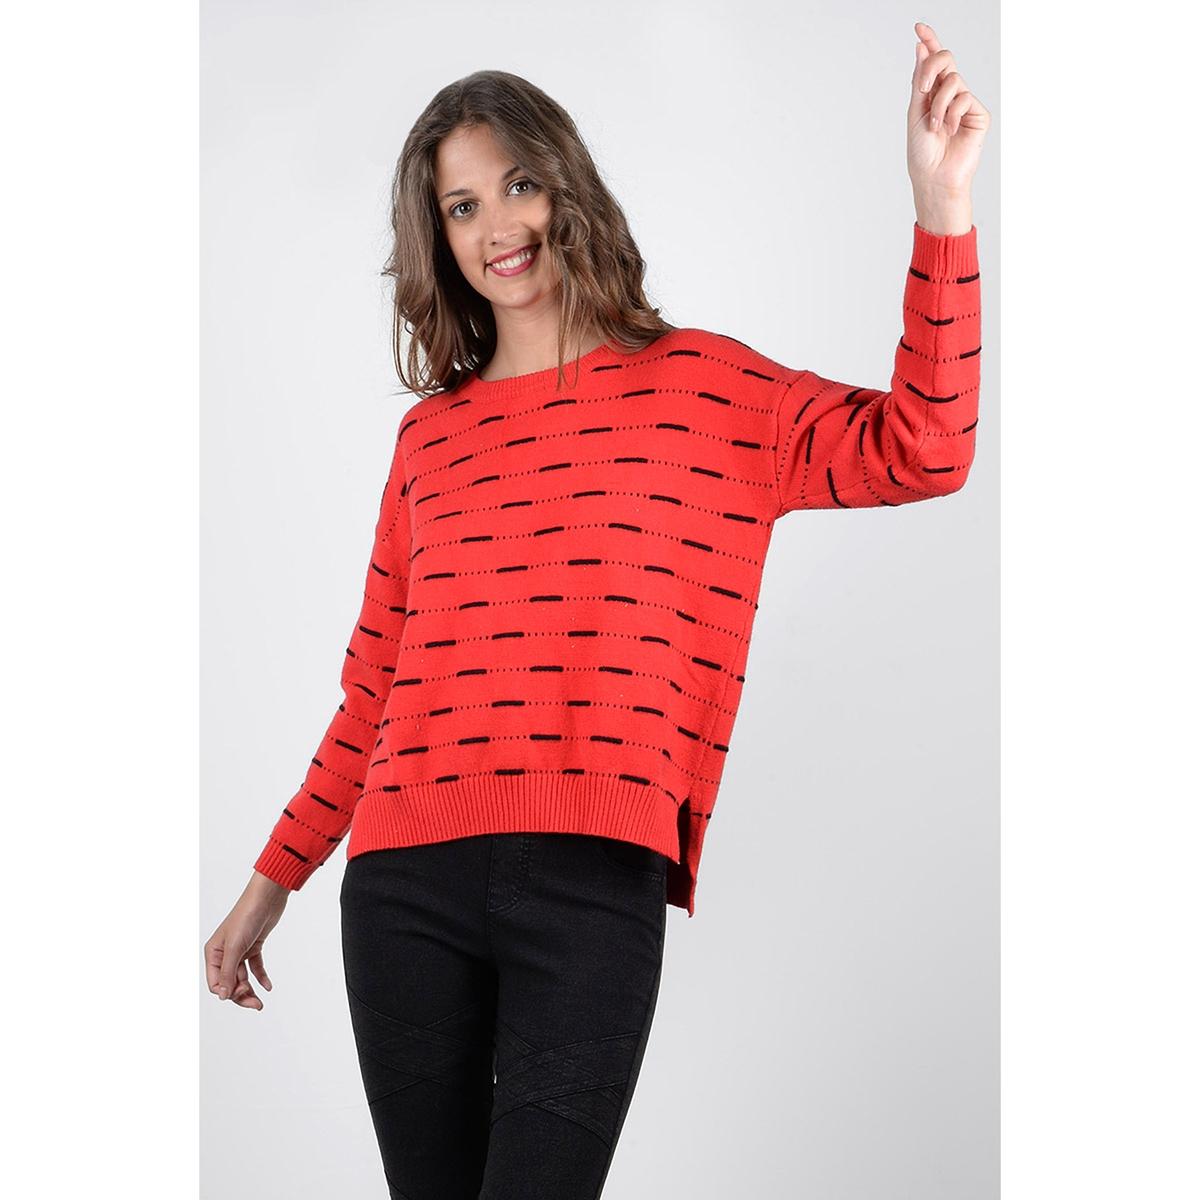 Пуловер с круглым вырезом из тонкого трикотажаДетали •  Длинные рукава •  Круглый вырез •  Тонкий трикотаж  •  Рисунок в полоску  Состав и уход •  45% вискозы, 55% полиамида •  Следуйте советам по уходу, указанным на этикетке<br><br>Цвет: красный